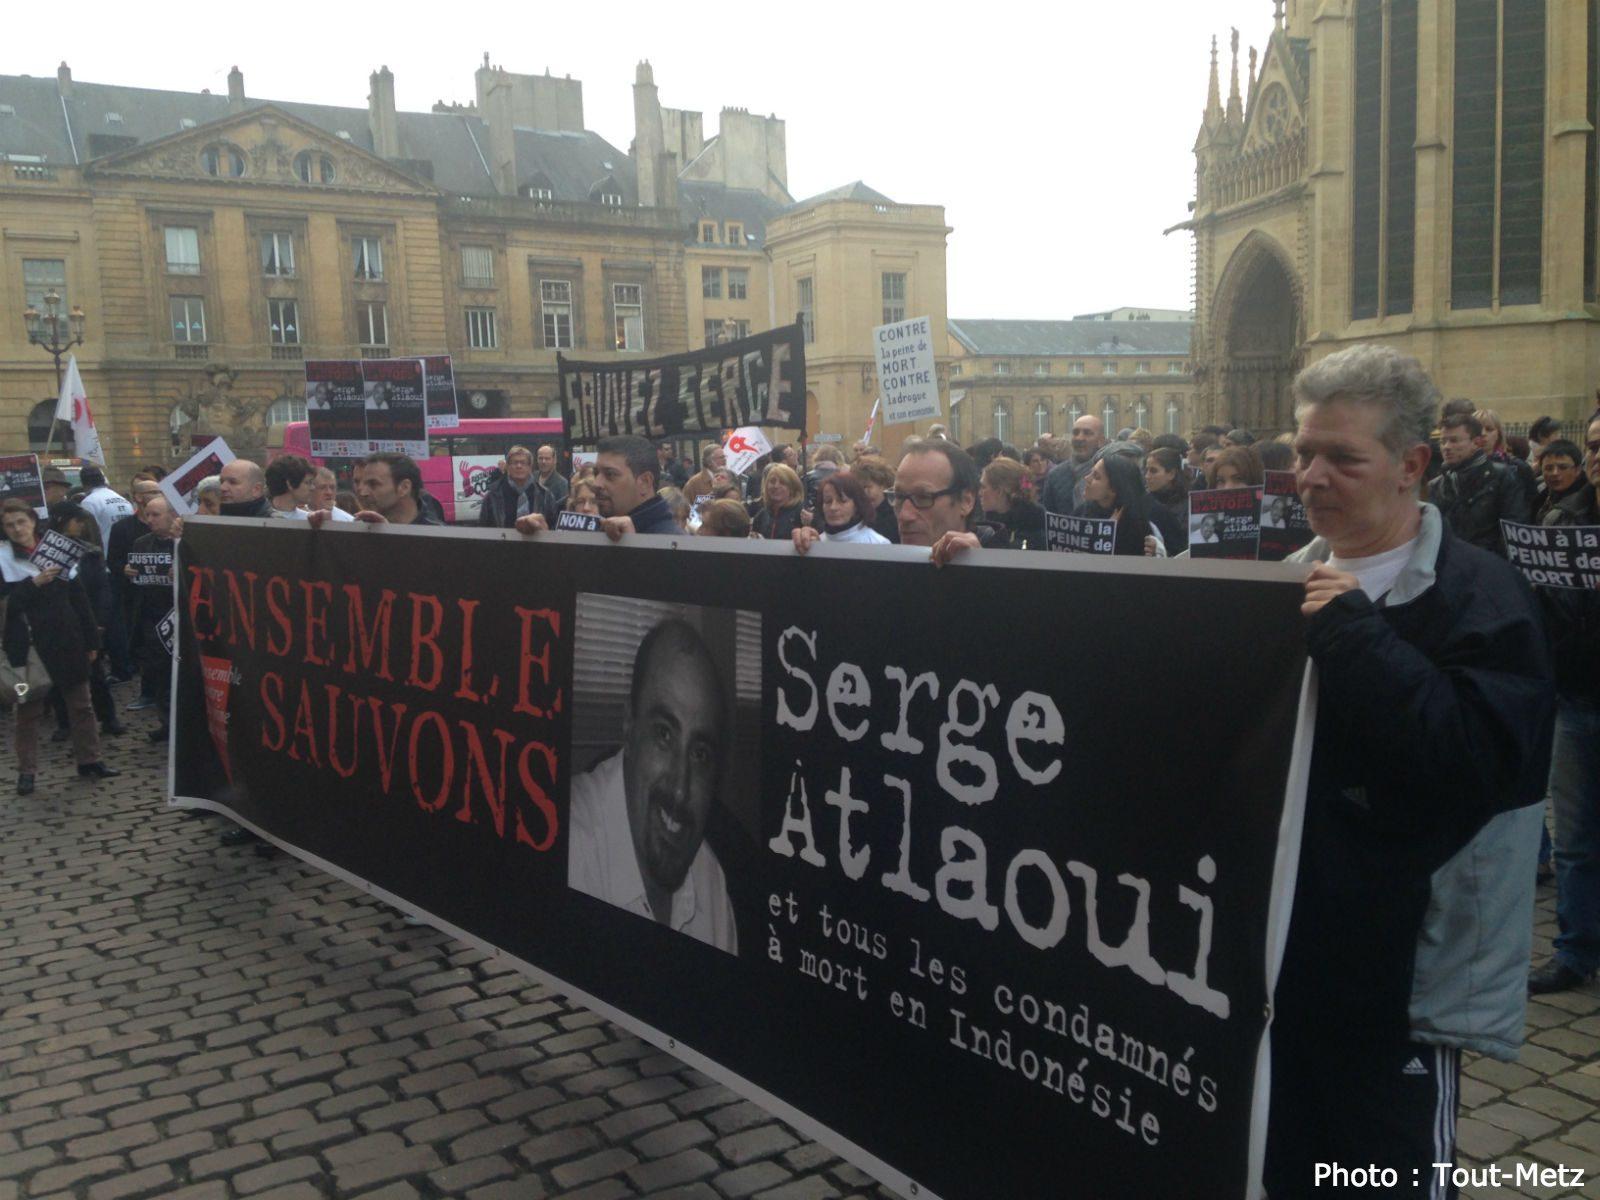 Metz : environ 150 personnes rassemblées pour Serge Atlaoui (photos)